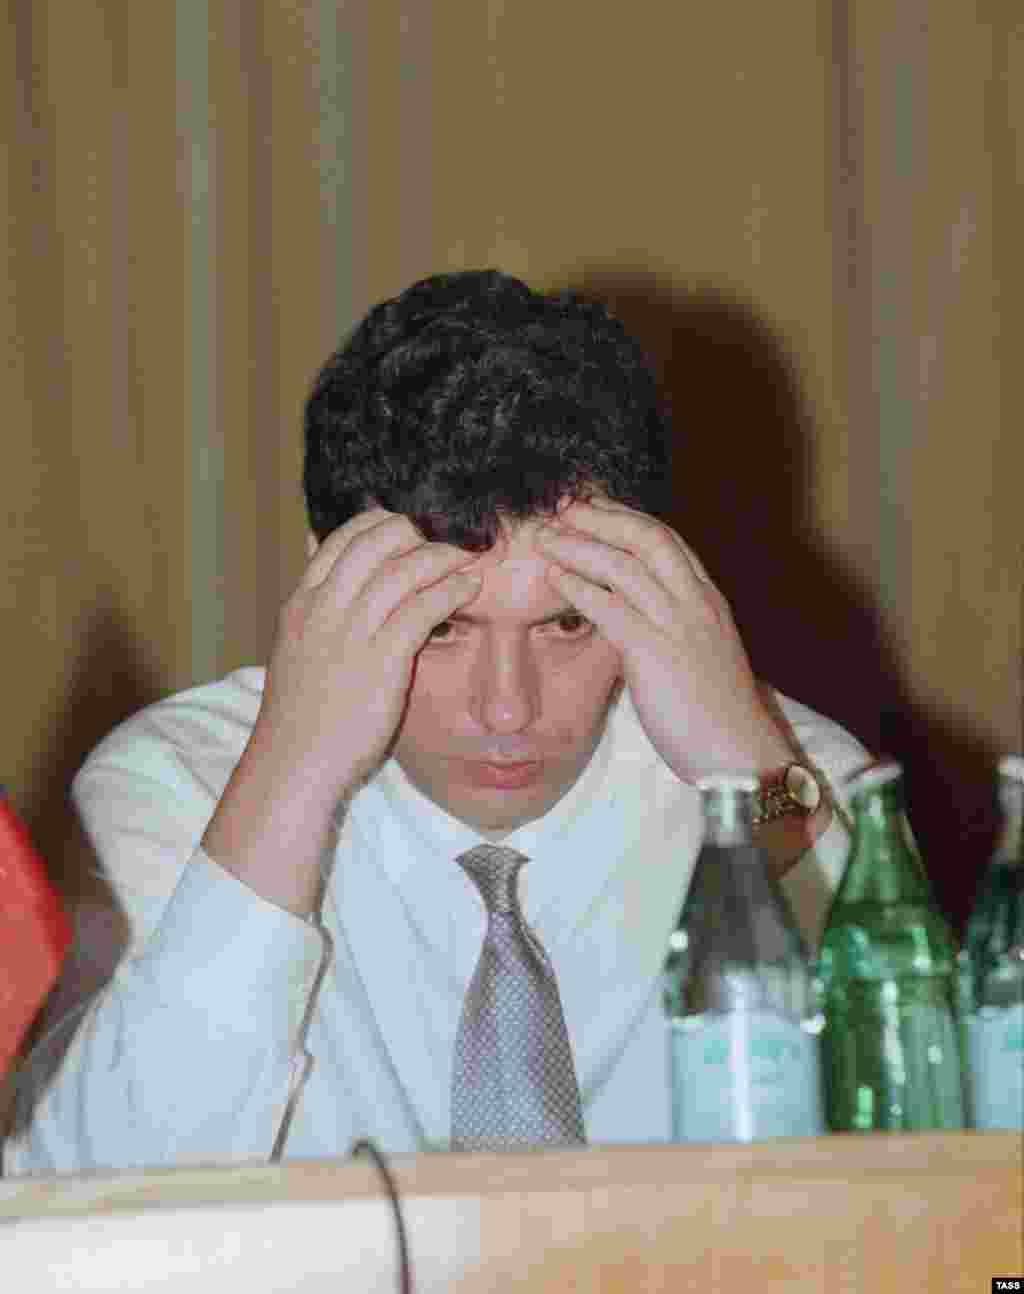 Нижний Новгород. Первый заместитель председателя правительства России Борис Немцов отчитывается перед нижегородцами о первых 100 днях своей работы в правительстве. 1997 год